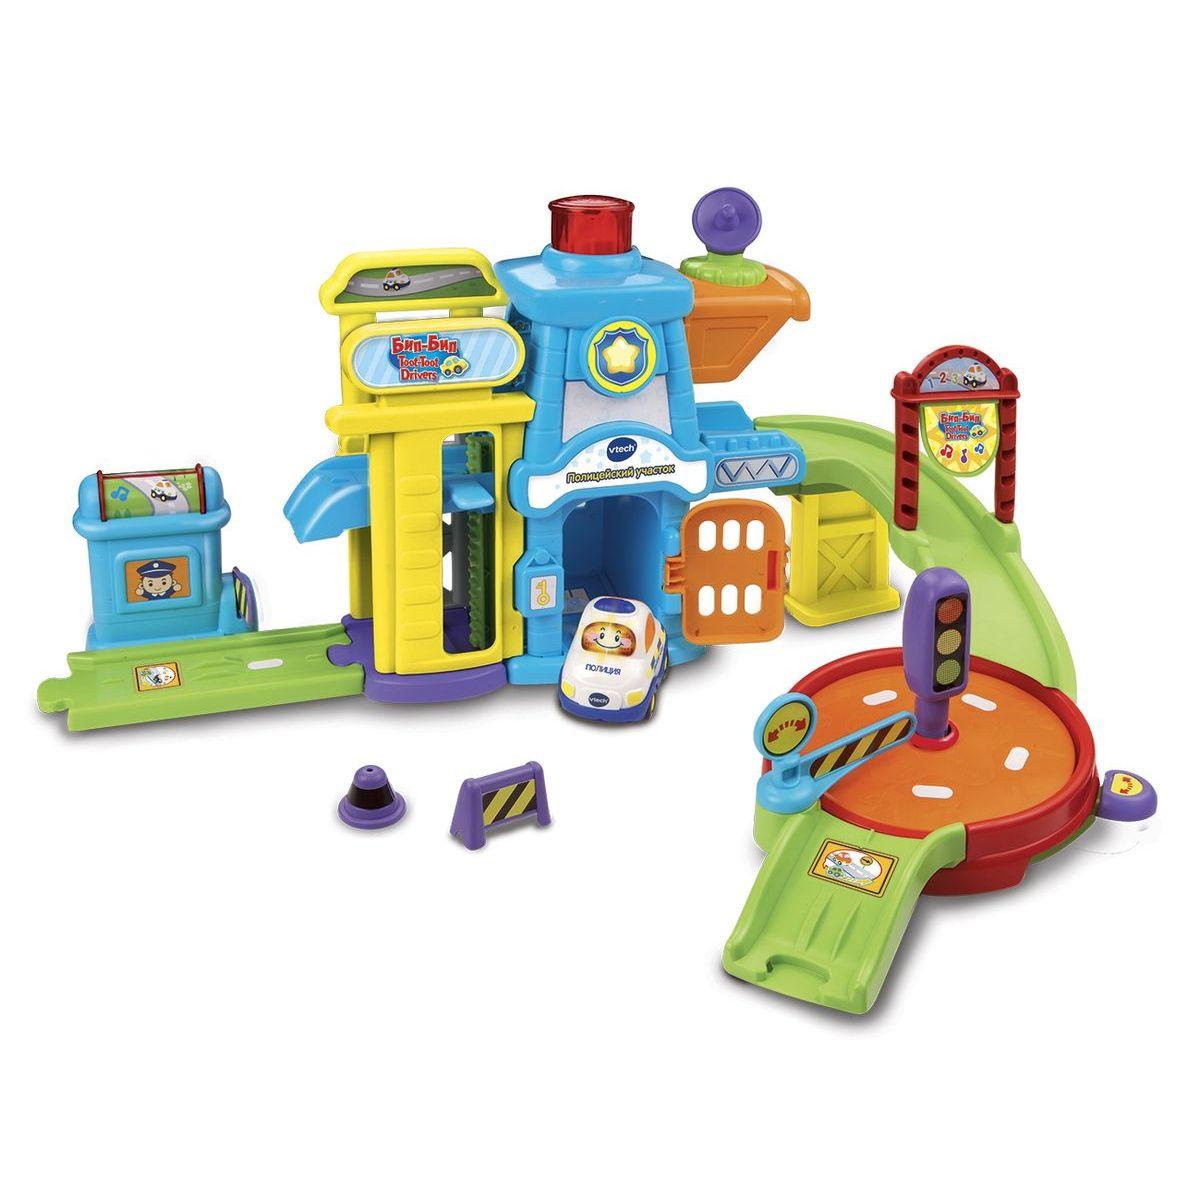 Игровой набор Бип-Бип Toot-Toot Drivers - Полицейский участок, звук по цене 4 315